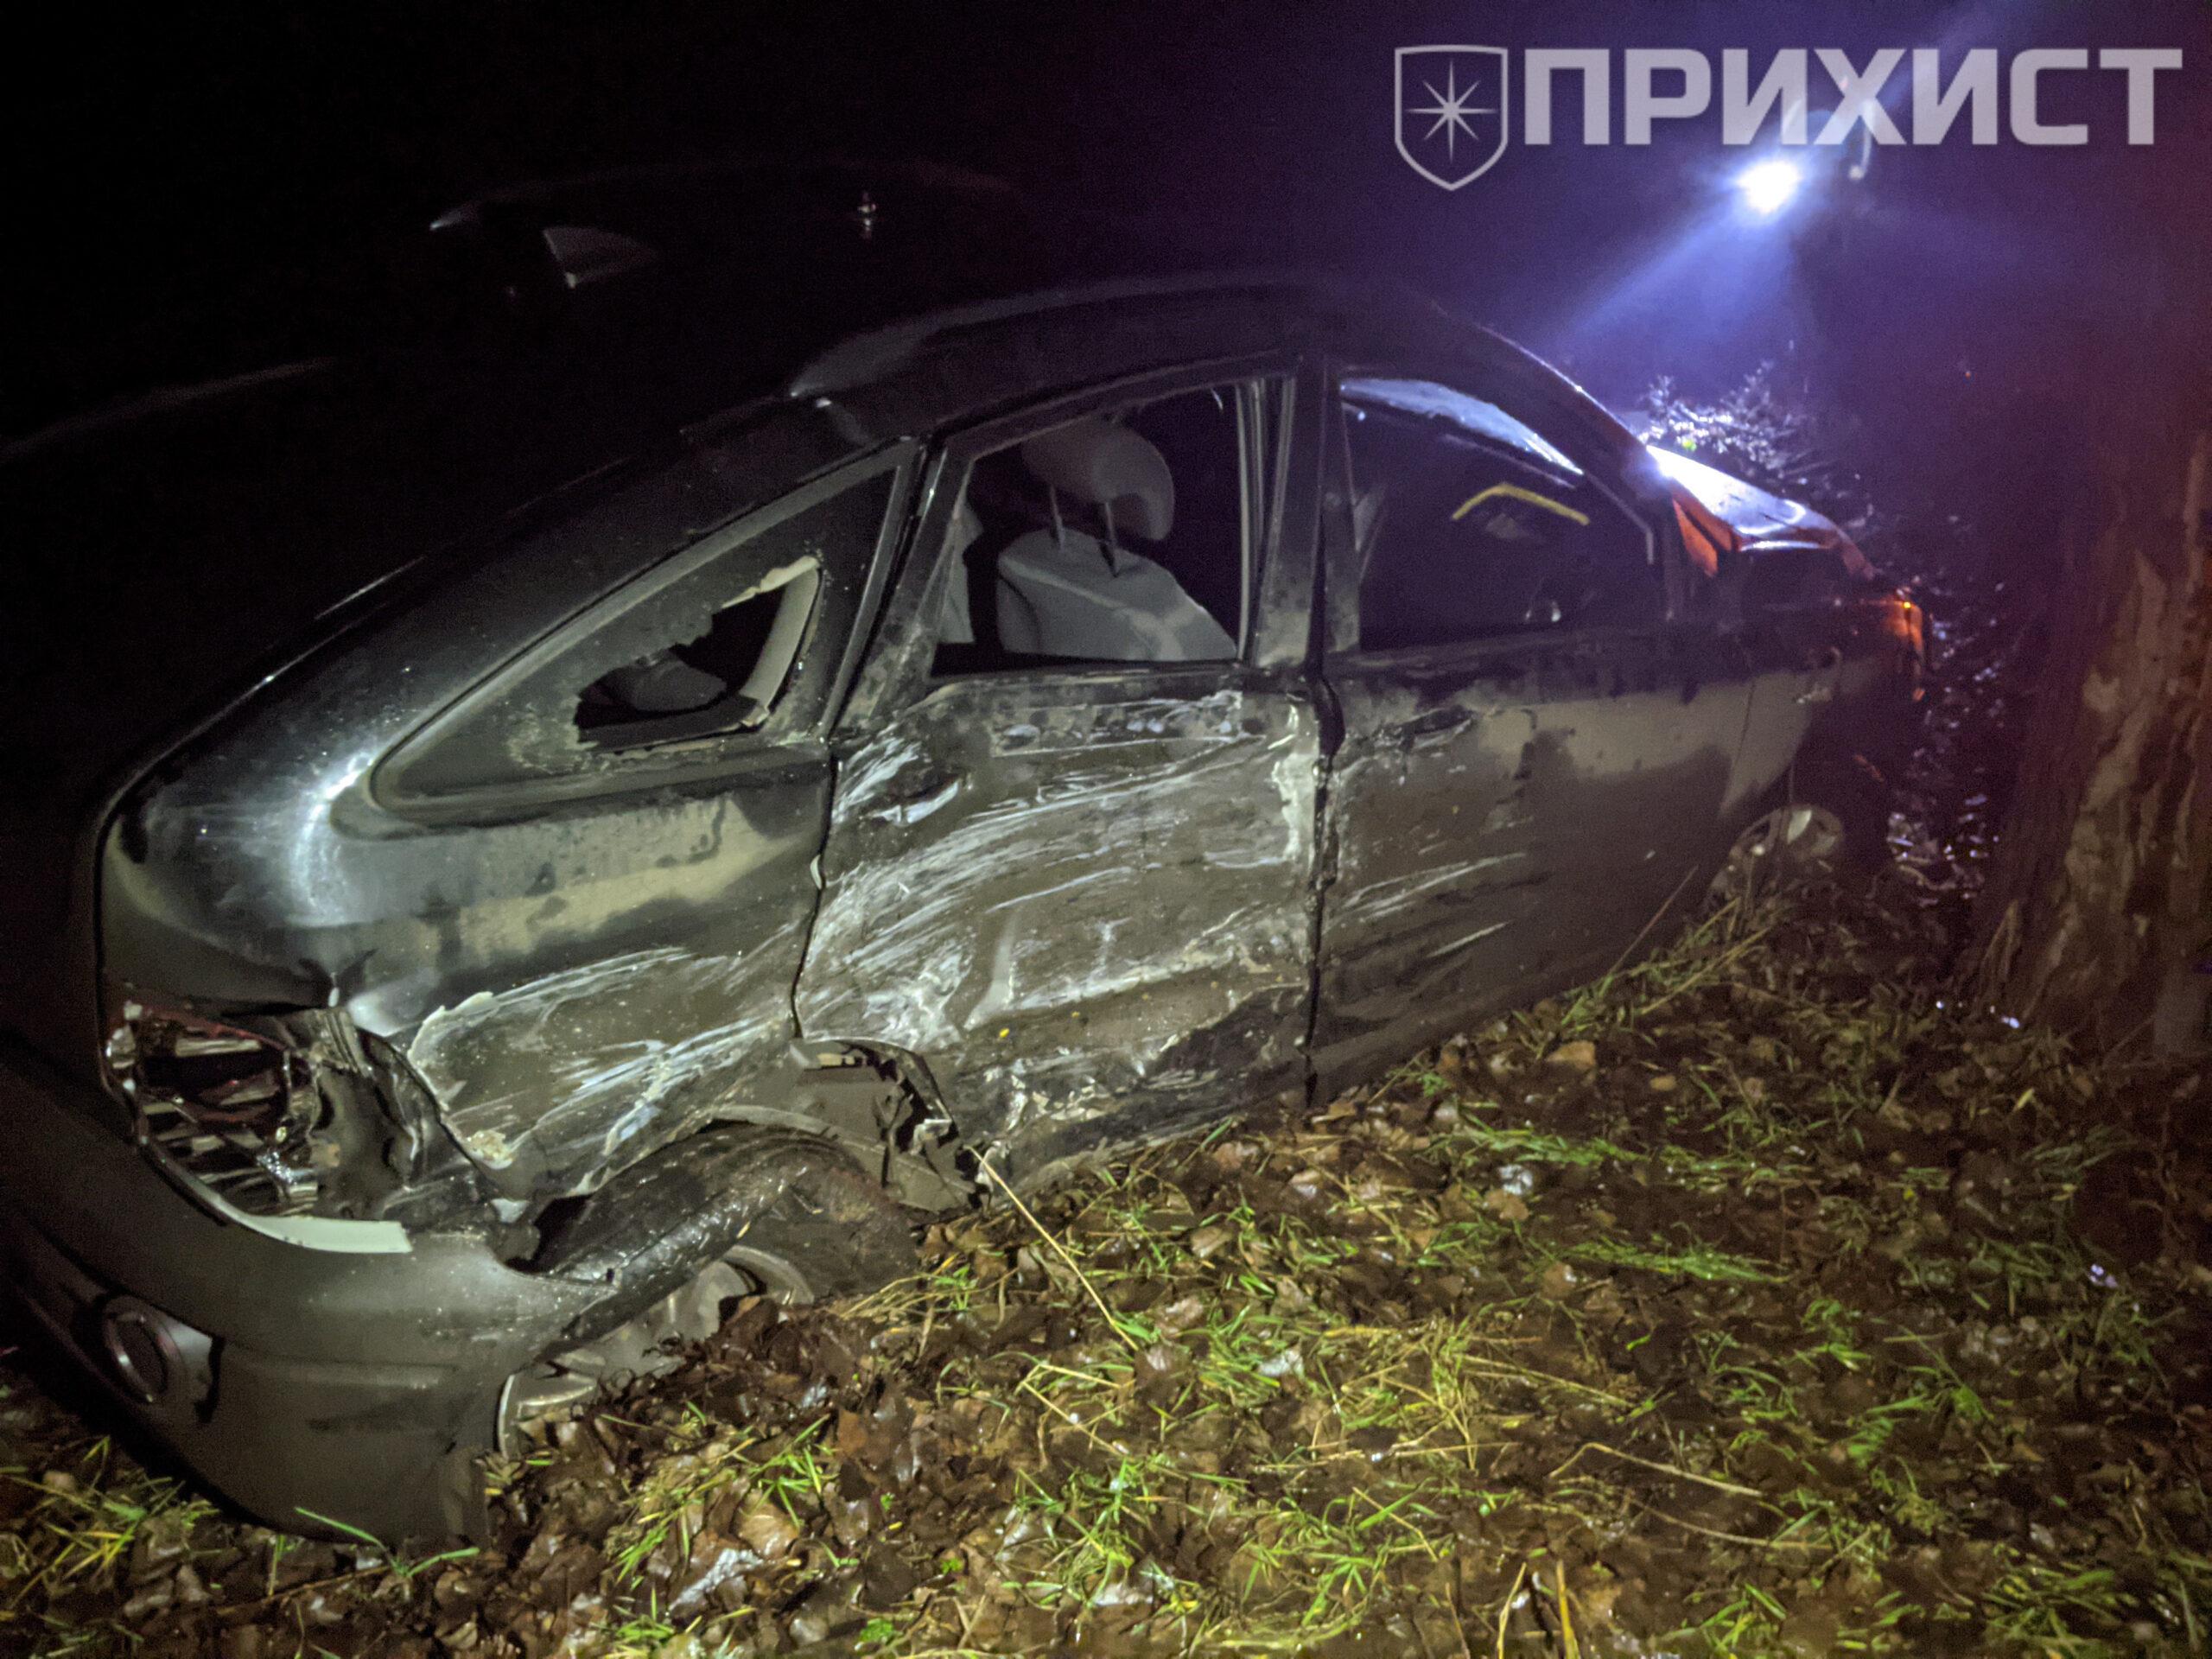 Около села Перше Травня в дерево влетел полицейский автомобиль   Прихист